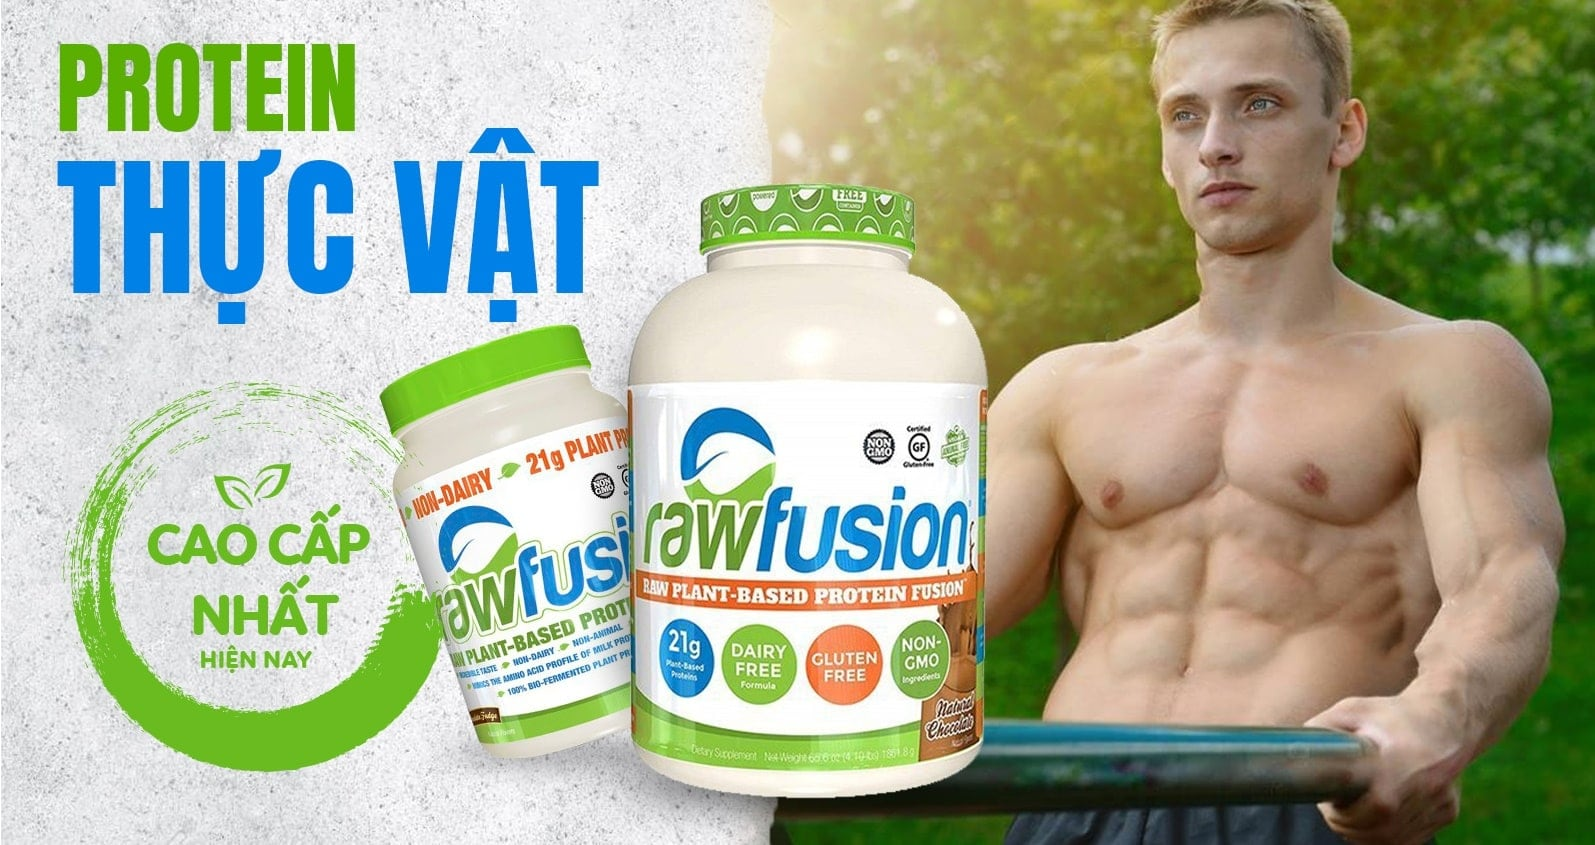 SAN - RawFusion (4 Lbs) - protein